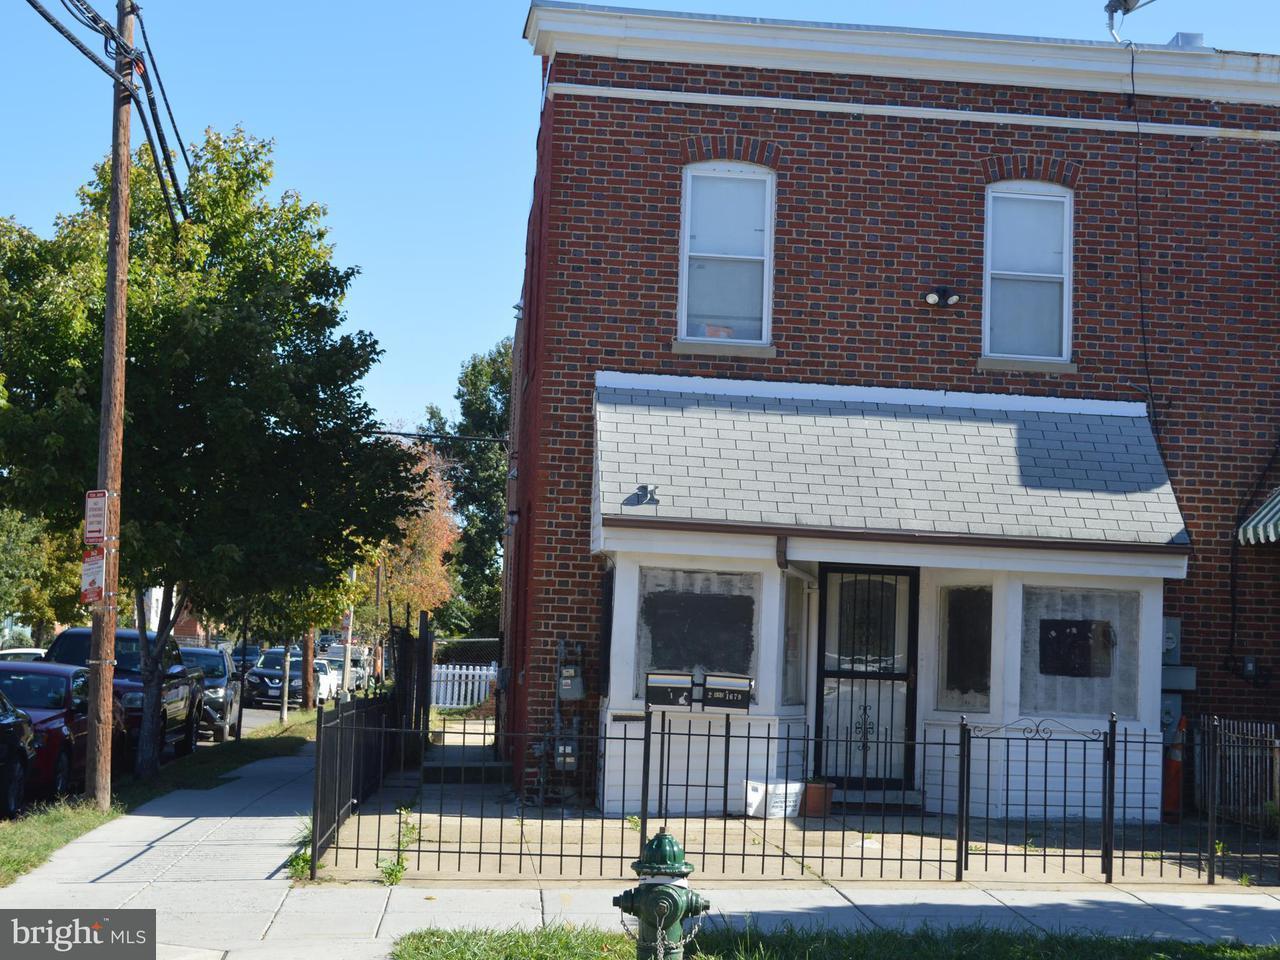 Townhouse for Sale at 1679 MONTELLO AVE NE 1679 MONTELLO AVE NE Washington, District Of Columbia 20002 United States